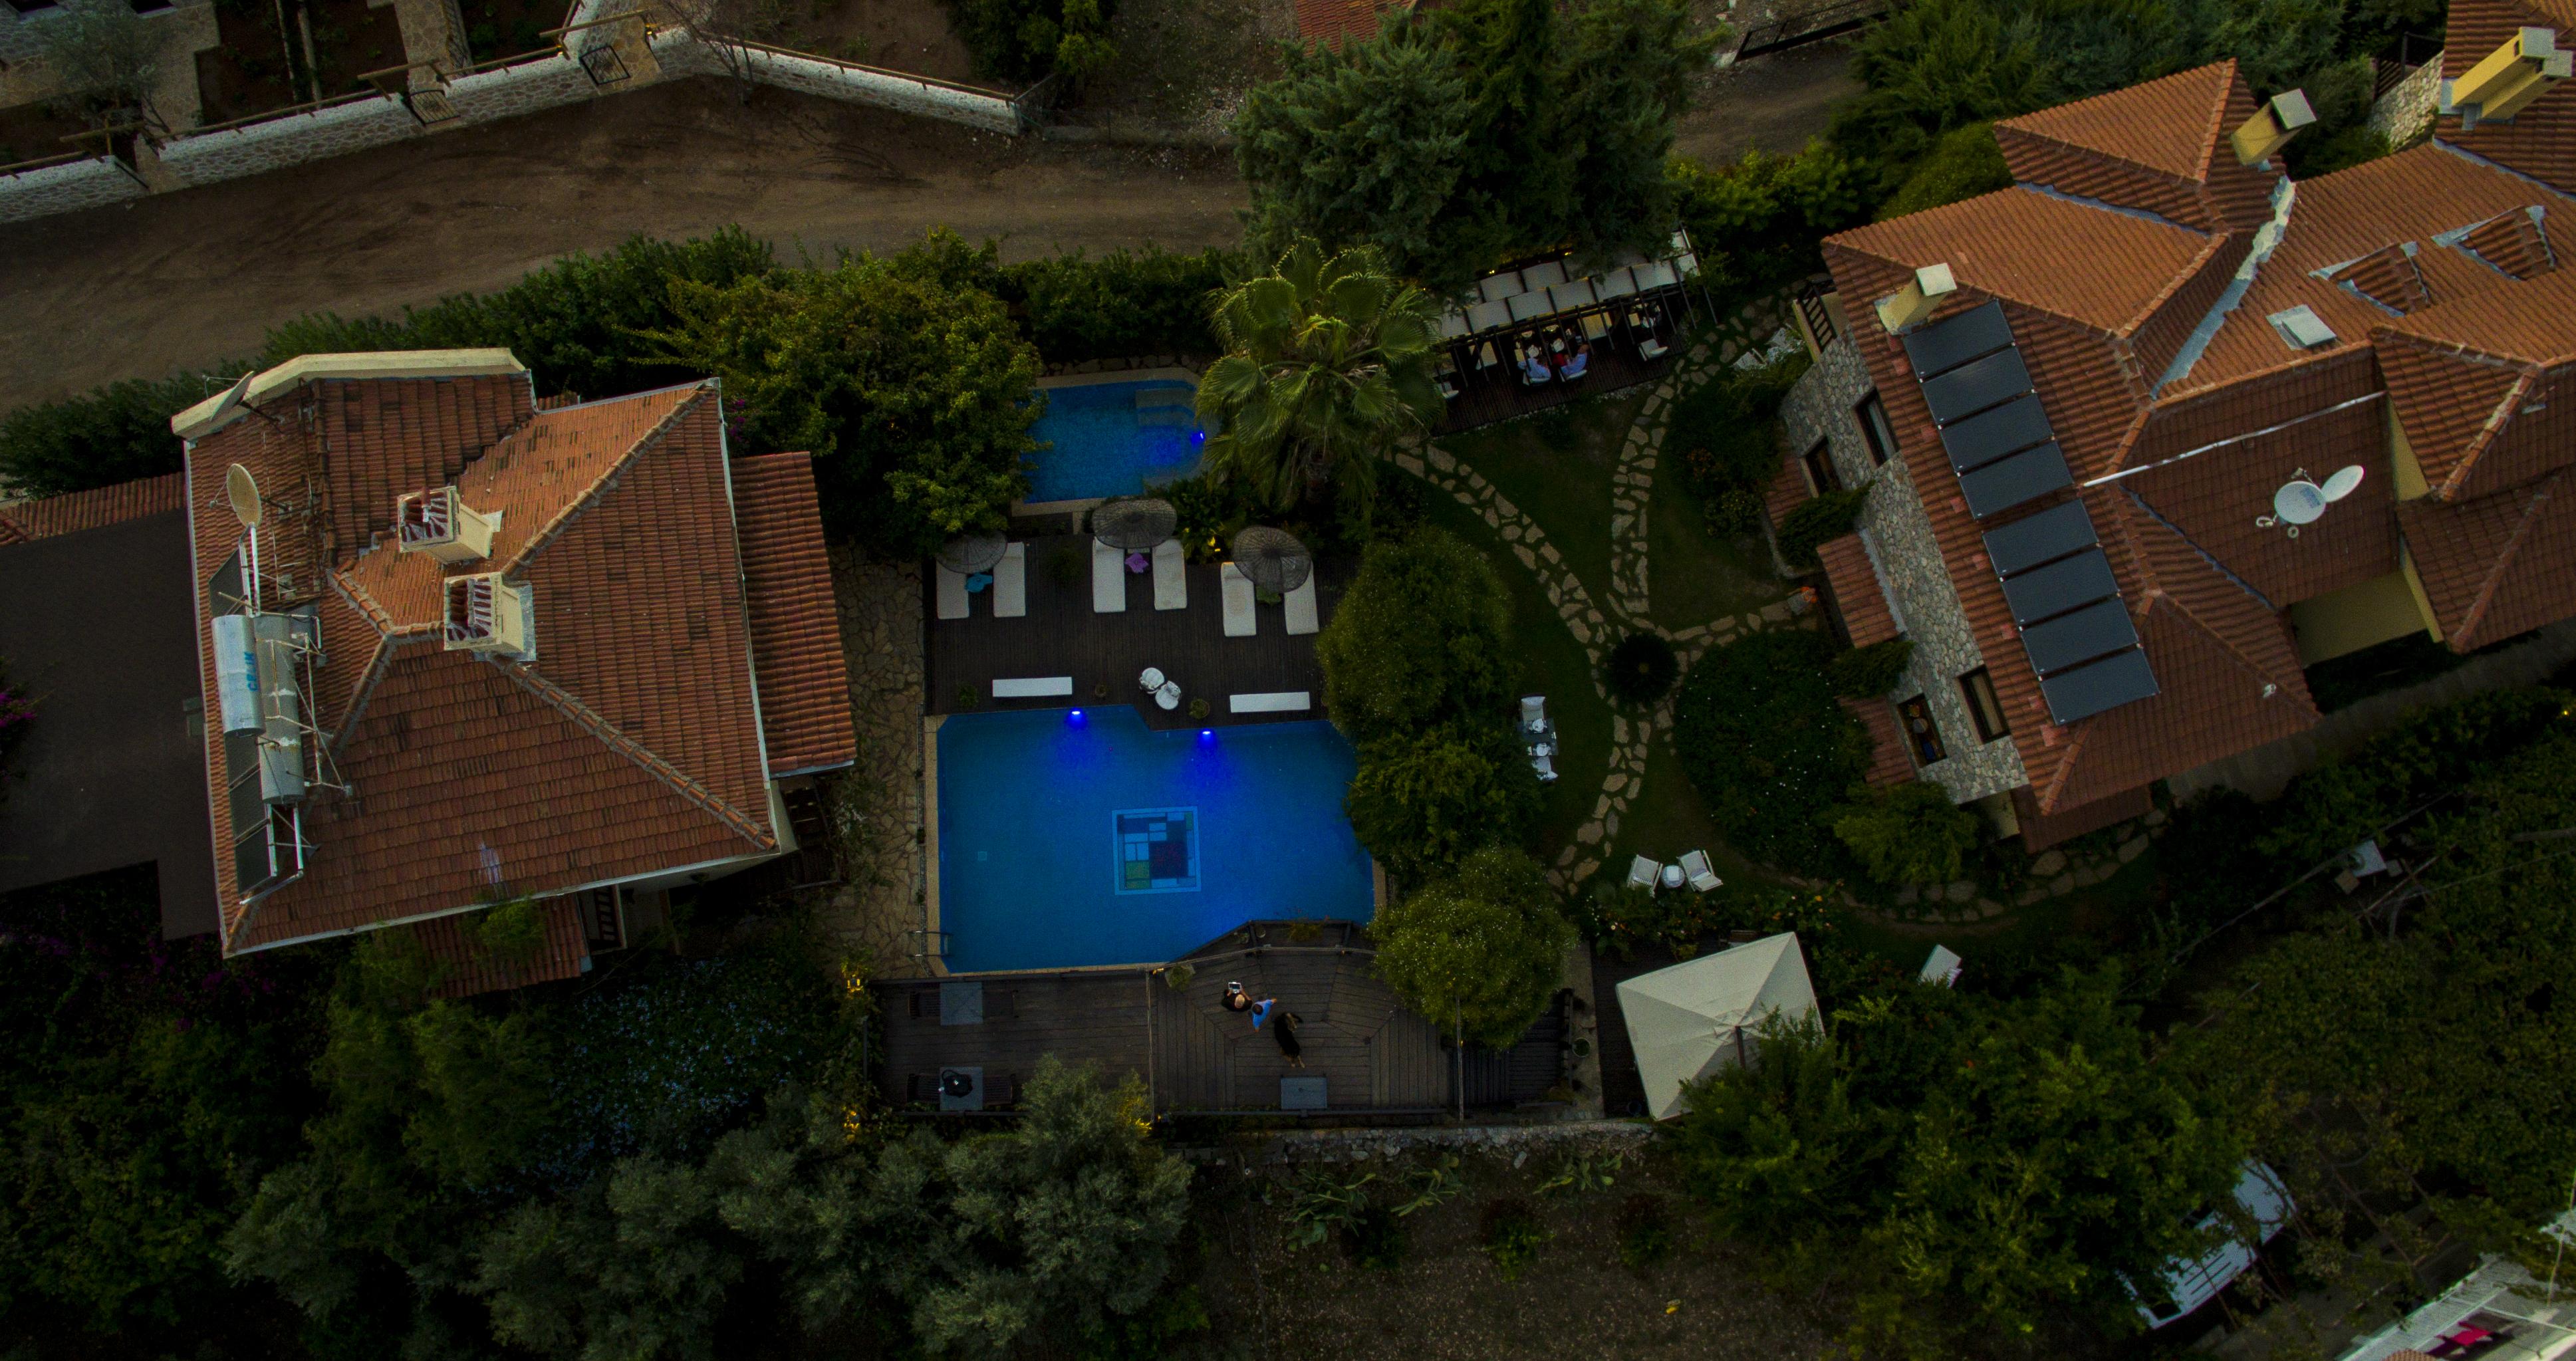 Ferienwohnung Luxurise Unterkunft und persnliches Ambiente in unzerstrter Natur (2742320), Fethiye, , Ägäisregion, Türkei, Bild 8